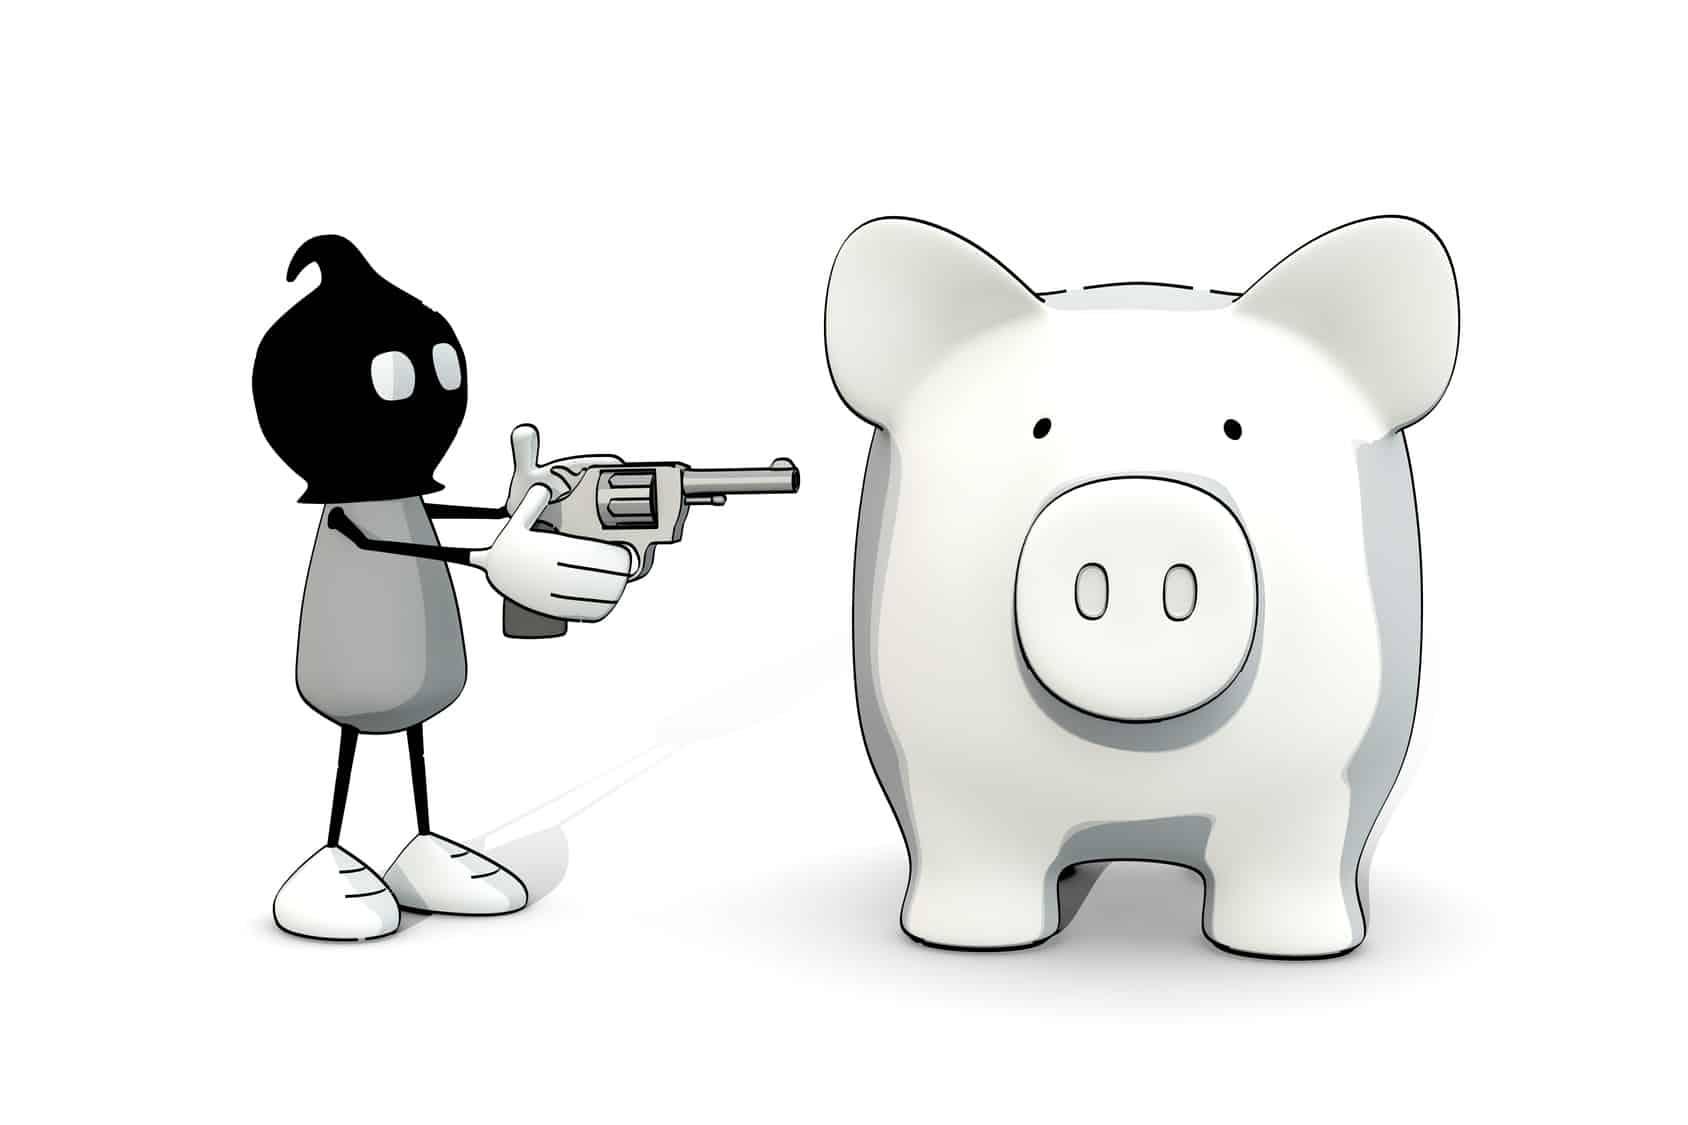 Räuber bedroht Sparschwein mit Pistole